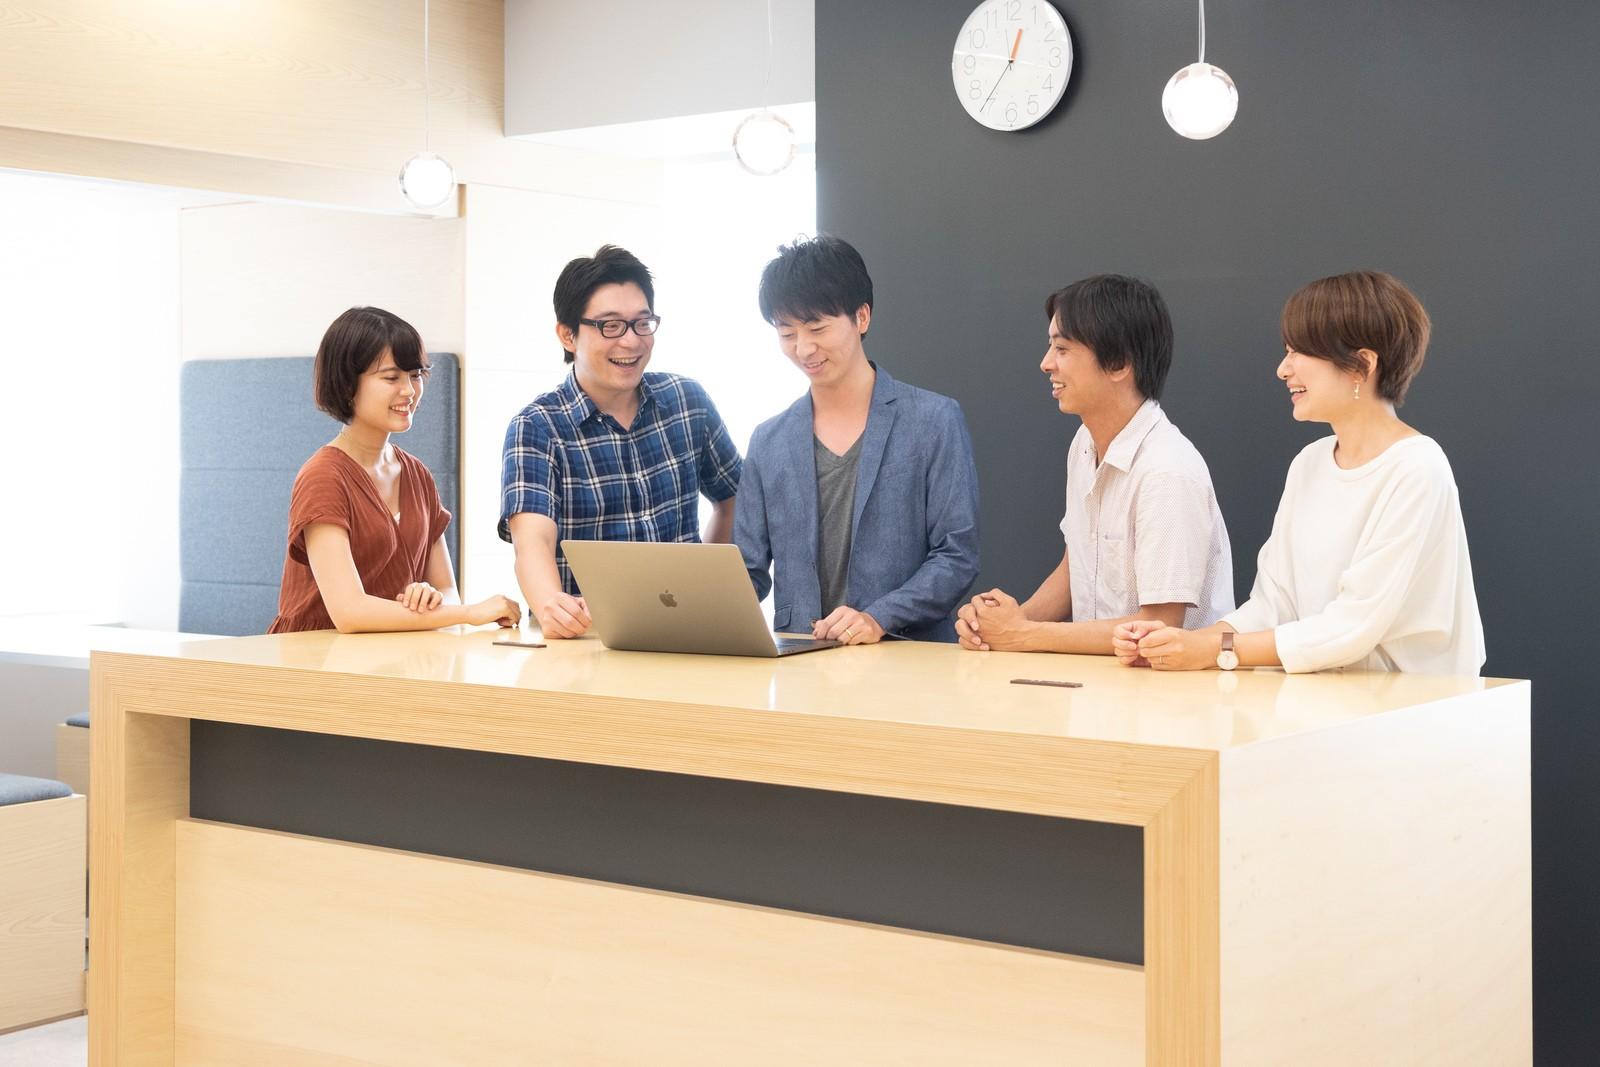 東証一部上場・LITALICOが、新規自社システムのSPA構築を技術選定からリードしてくれるフロントエンジニア募集!